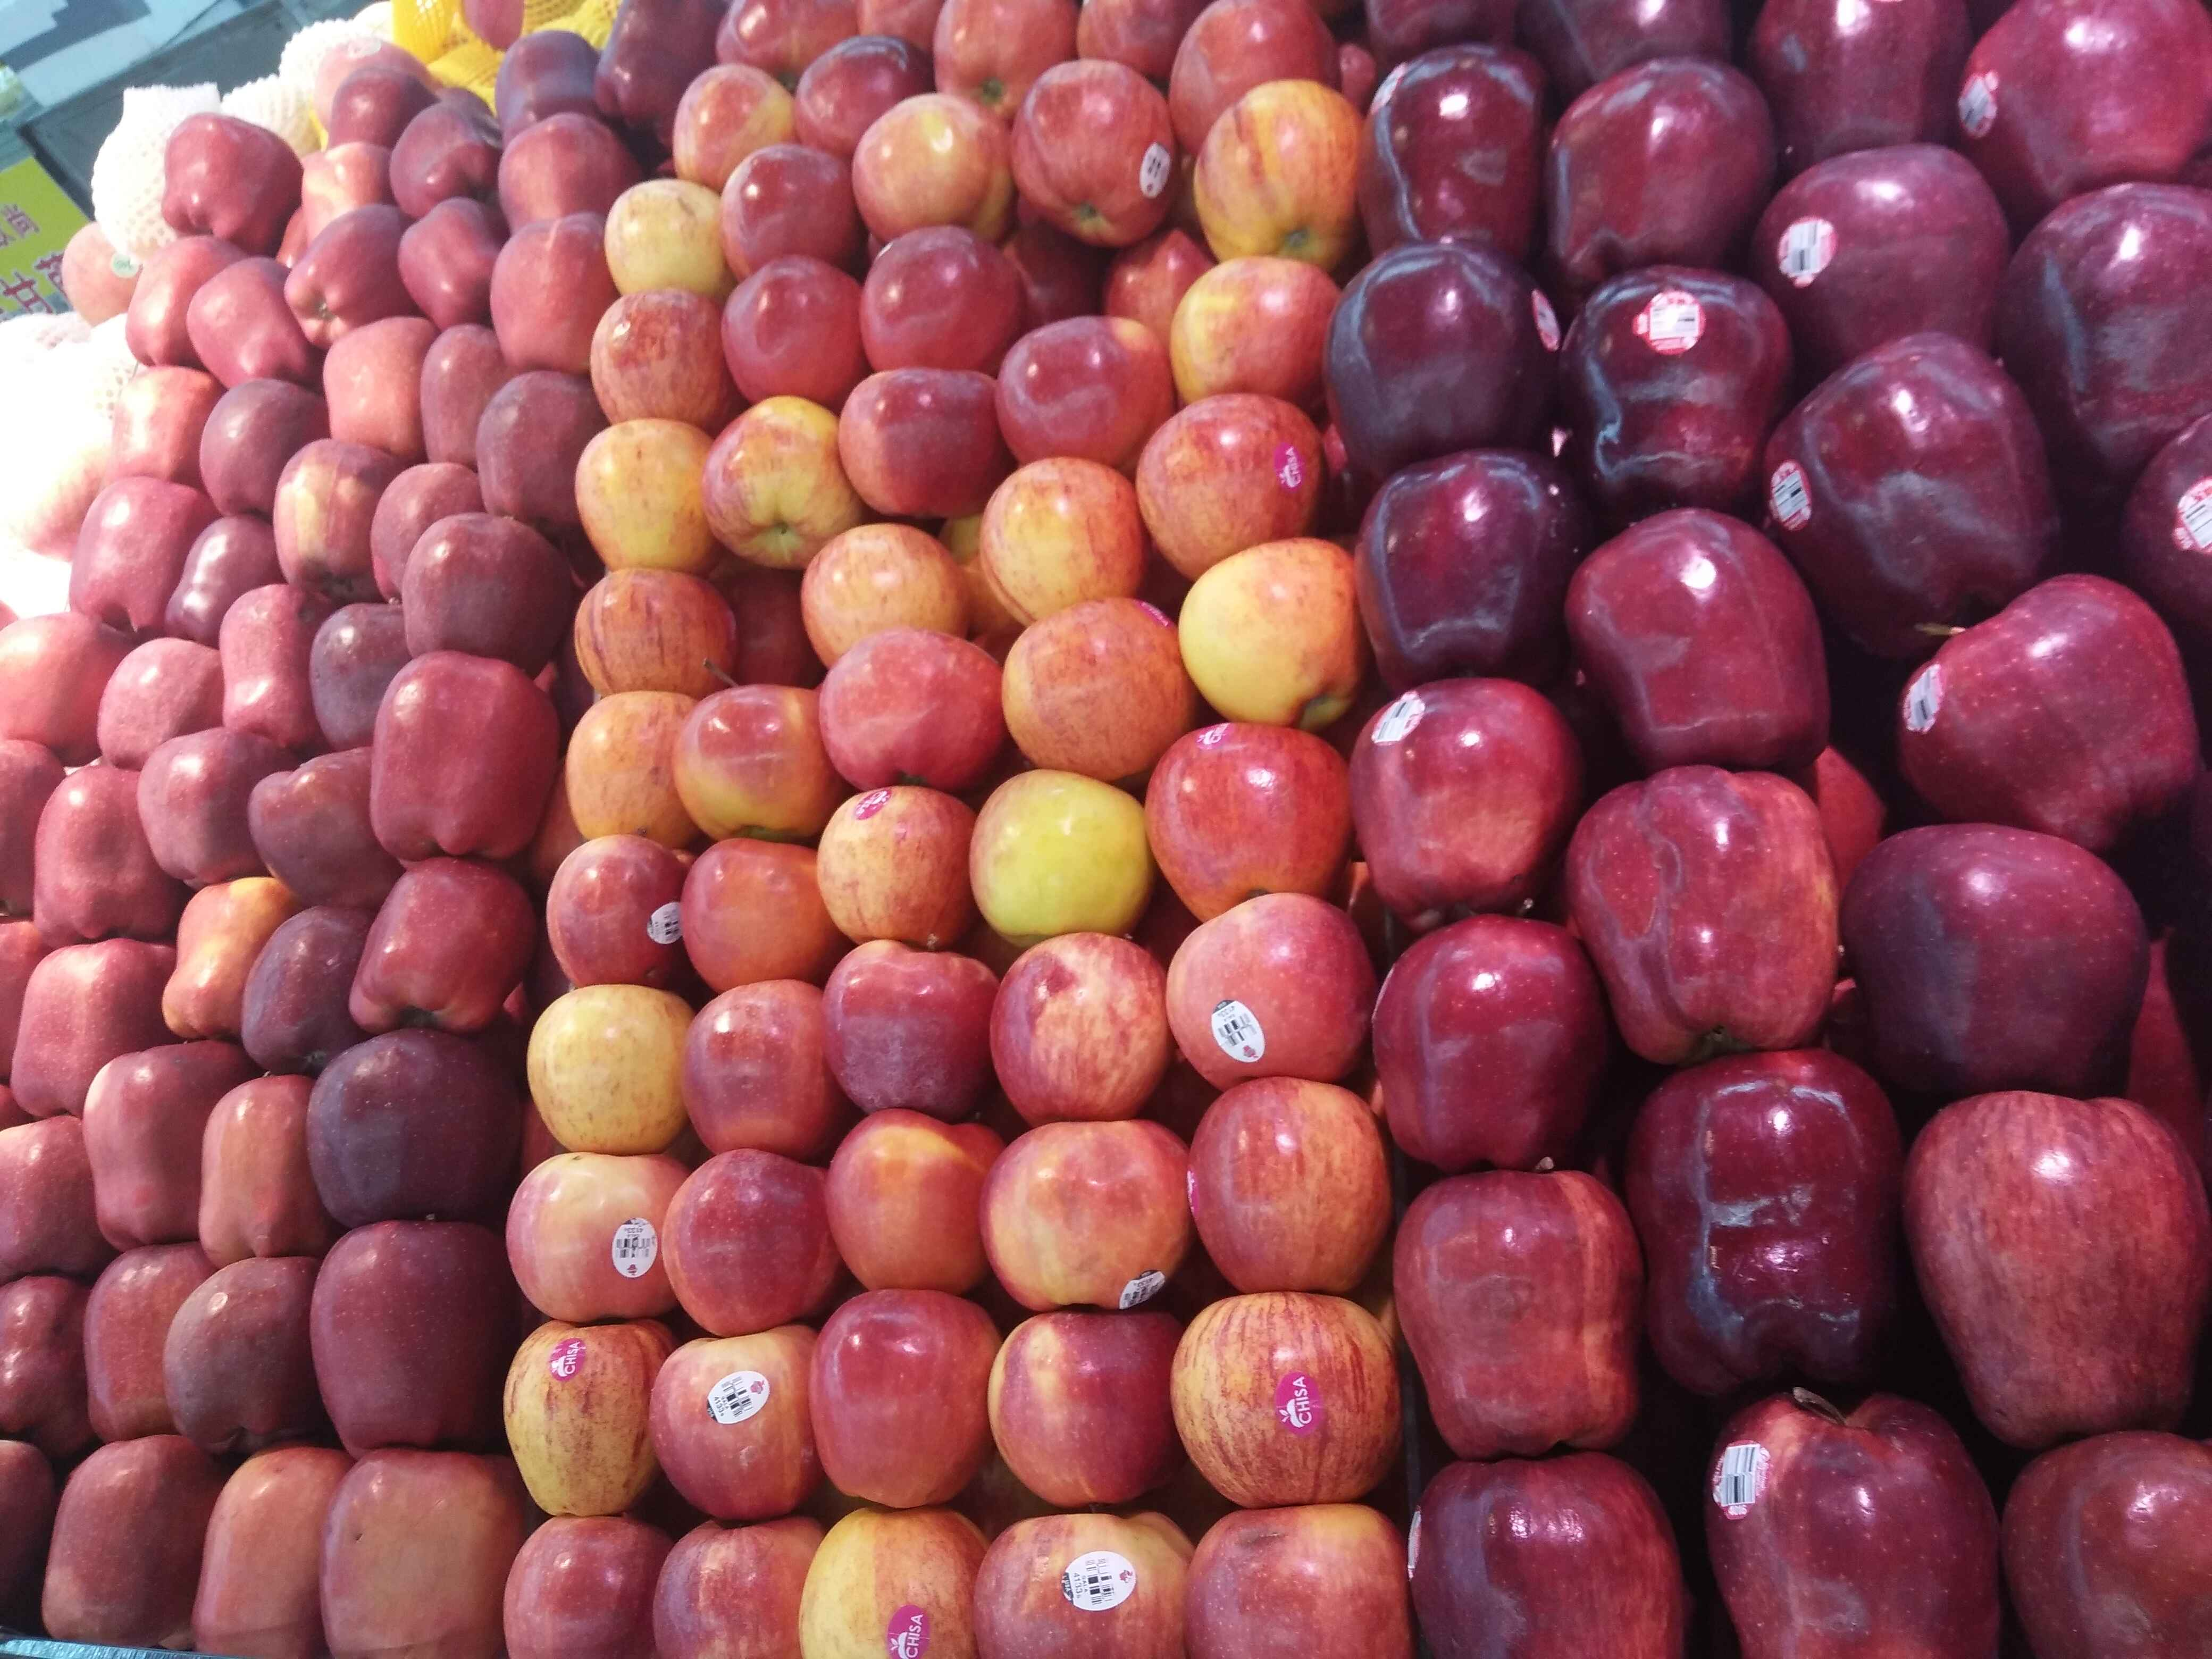 跨境水果复市忙 科学仪器助力进口食品安全